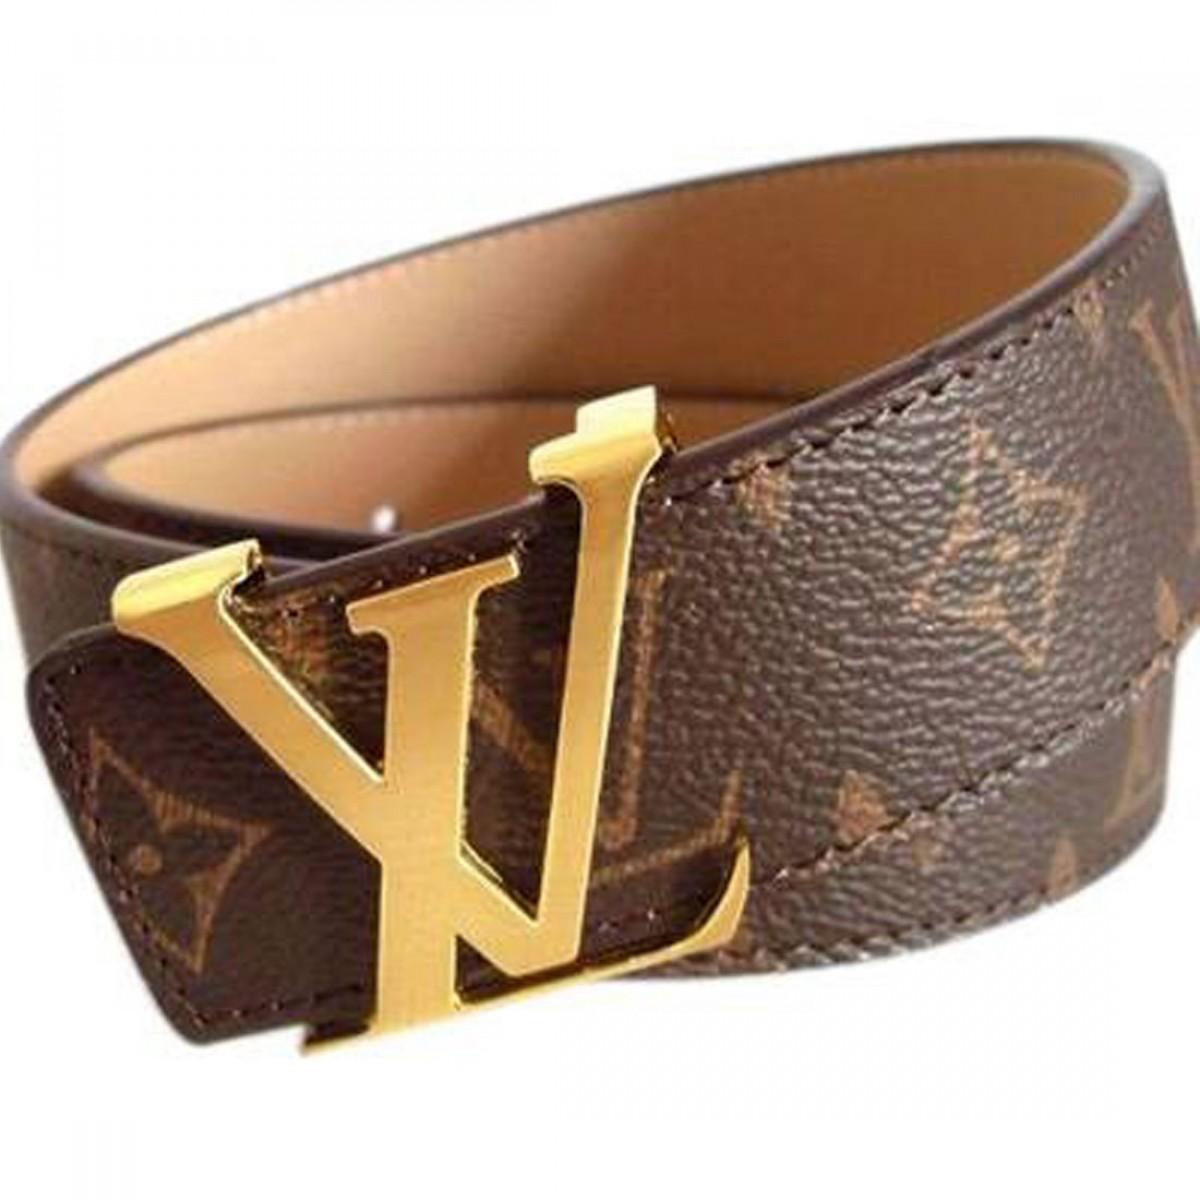 SecretShop24.com | Louis Vuitton Belt, France Online shop ...